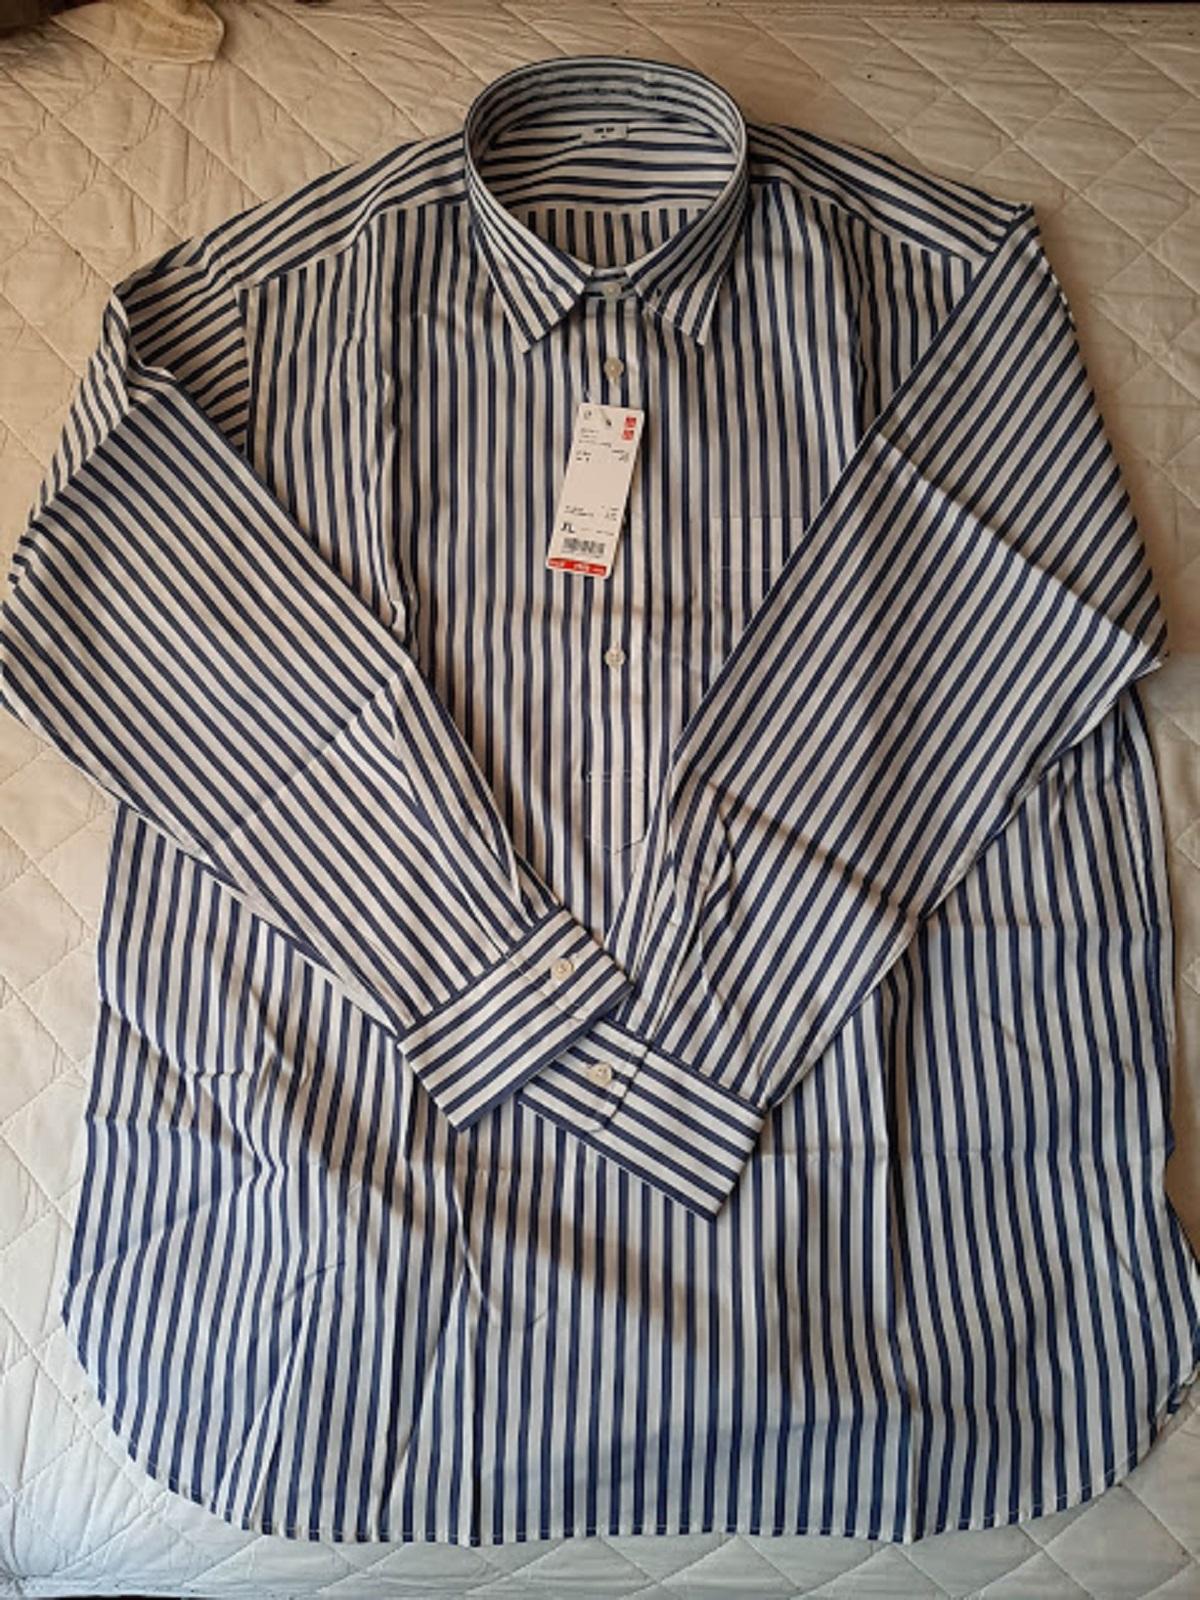 ユニクロ、ブロードプルオーバーストライプシャツ